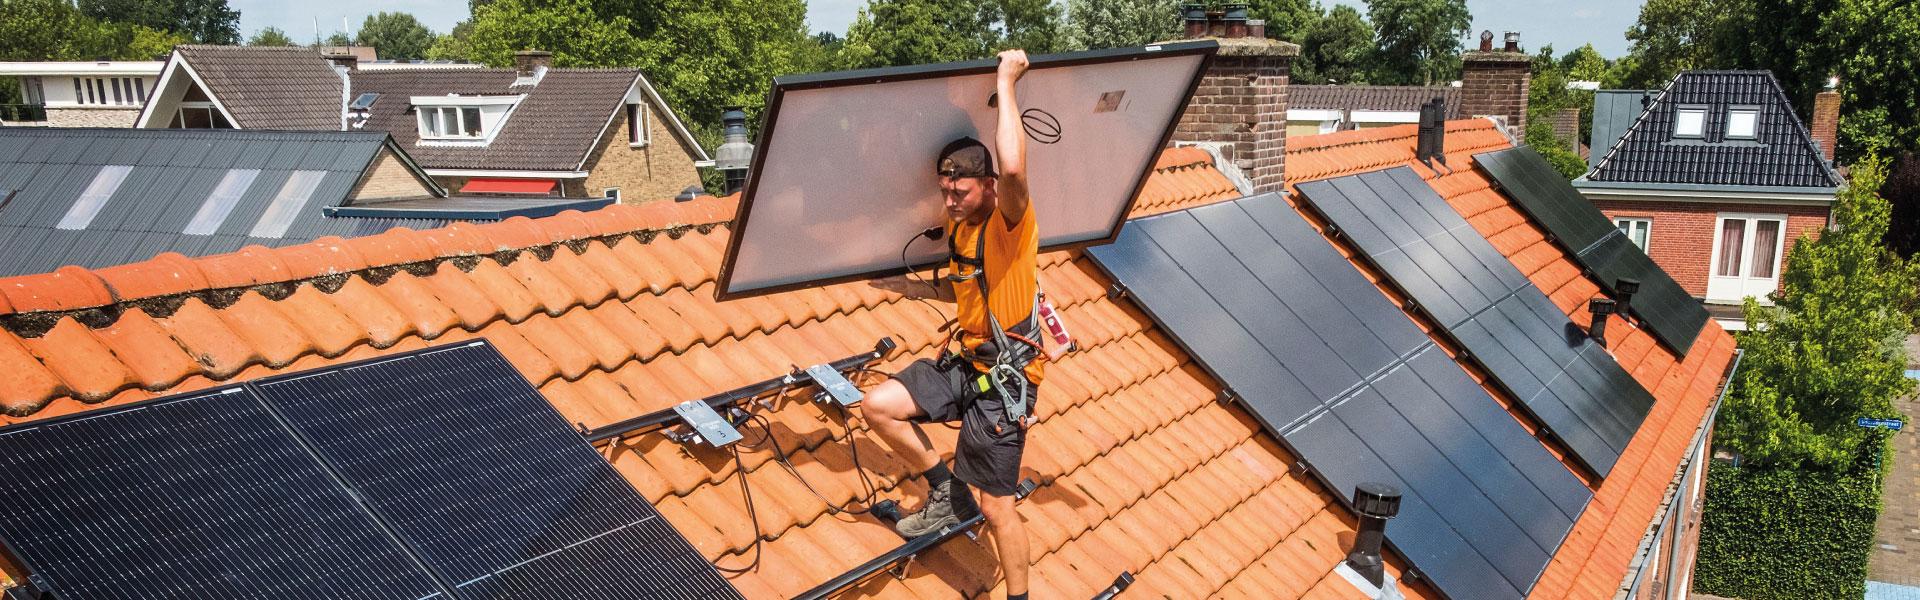 Installatie zonnepanelen op dak